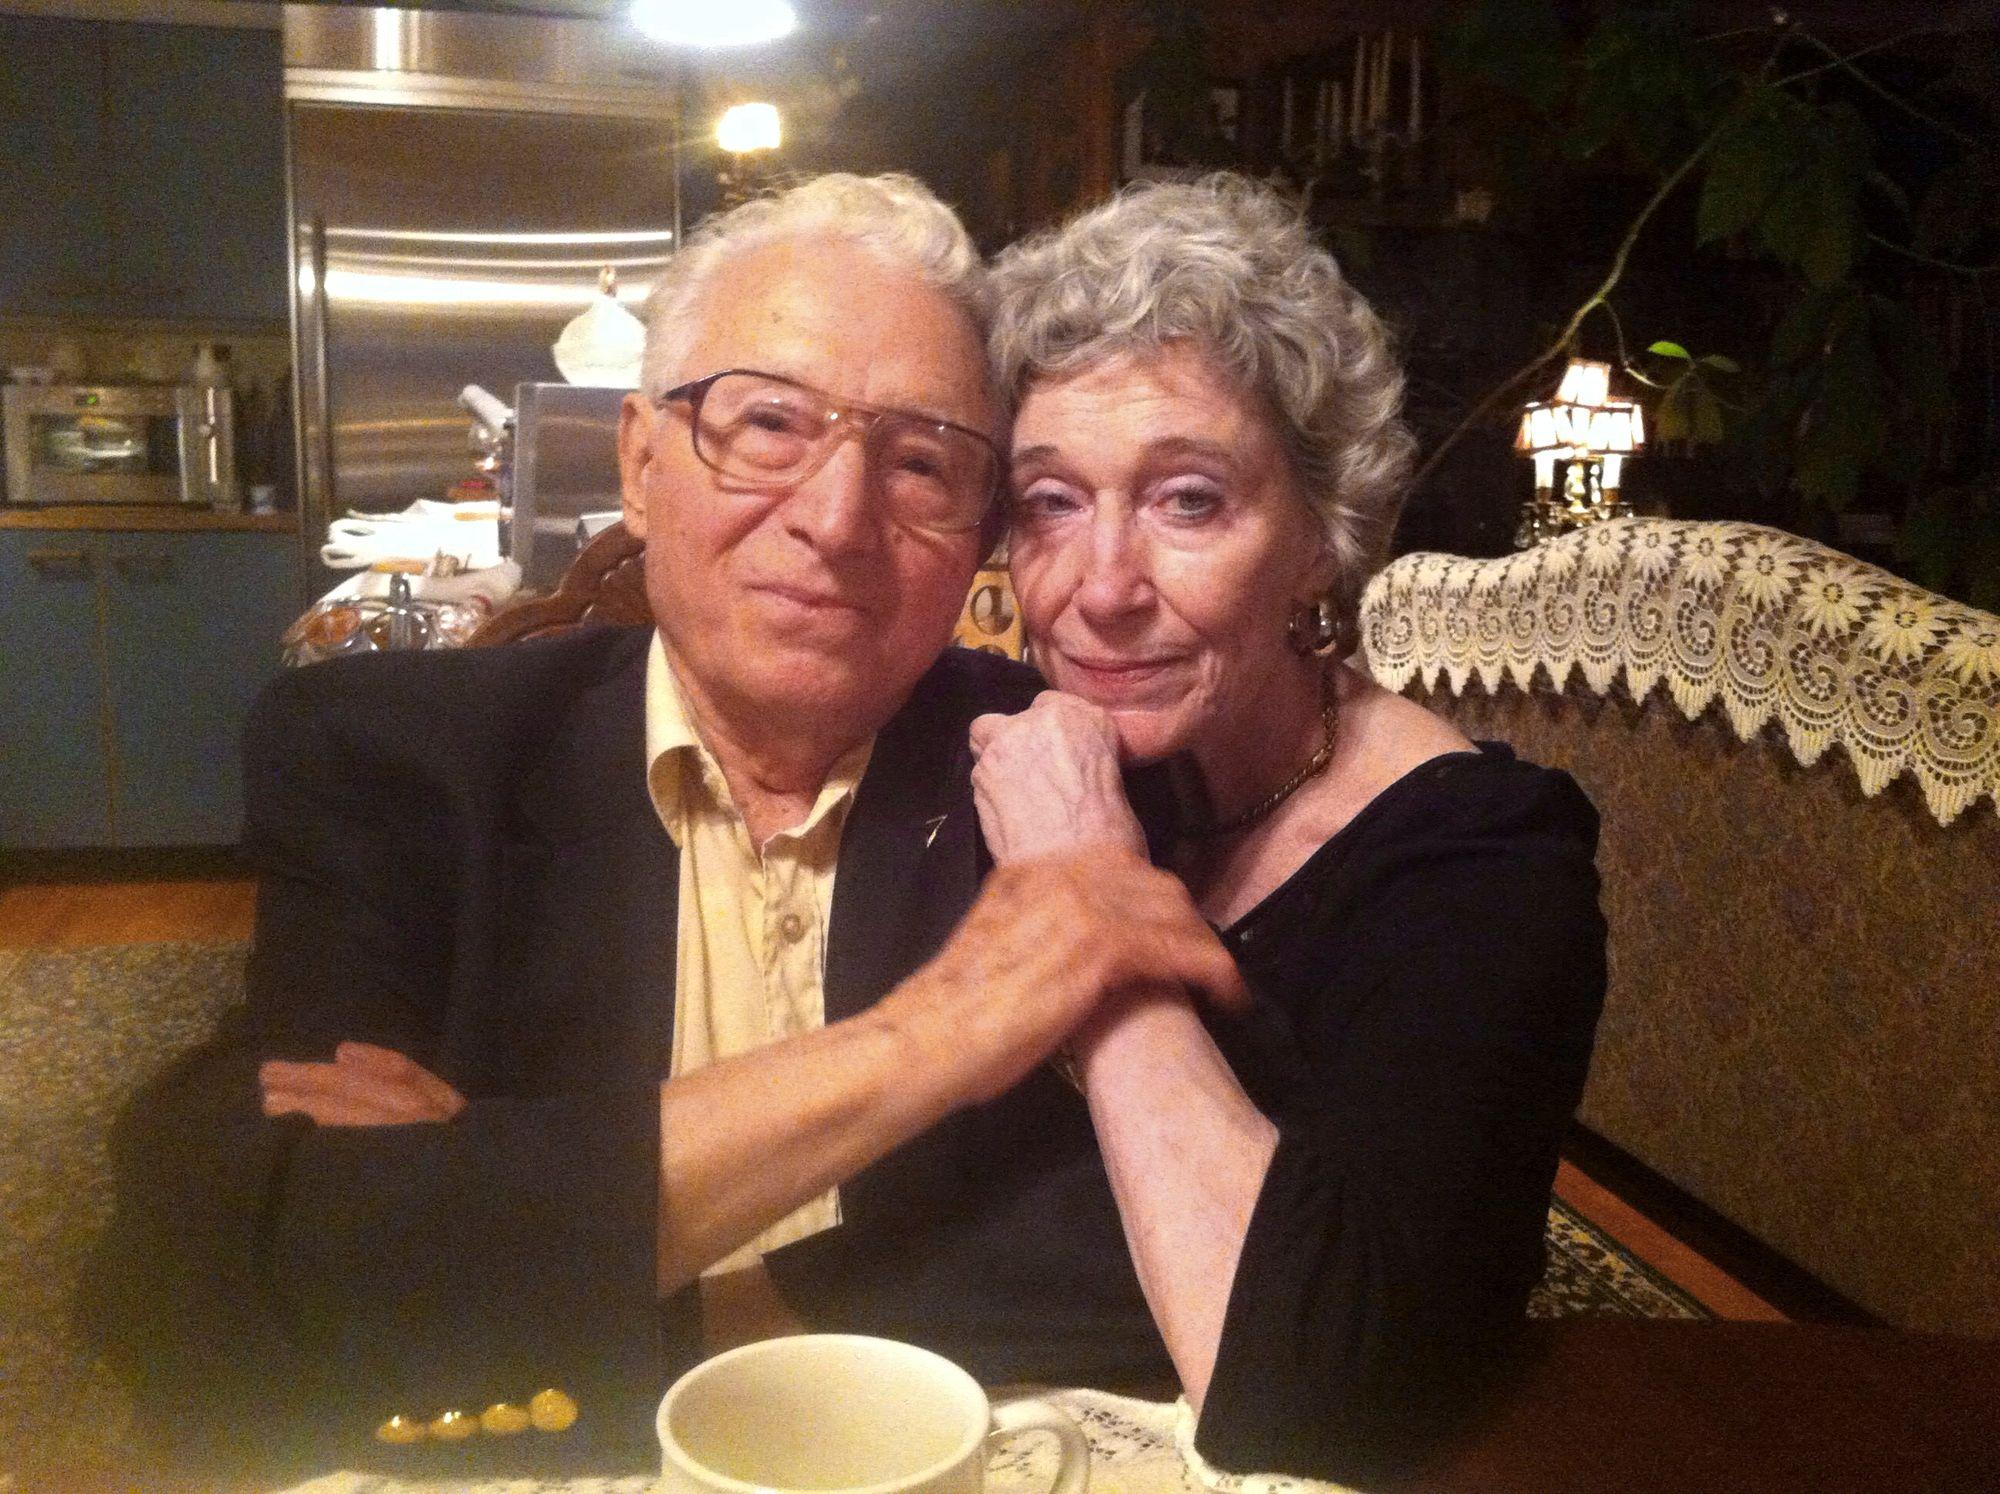 Anja ja Tony säilyivät läheisinä Anjan kuolemaan saakka. Kuvassa pariskunta helmikuussa 2013, vain muutama kuukausi ennen Anjan menehtymistä keuhkosyöpään. © Tony Vaccaro